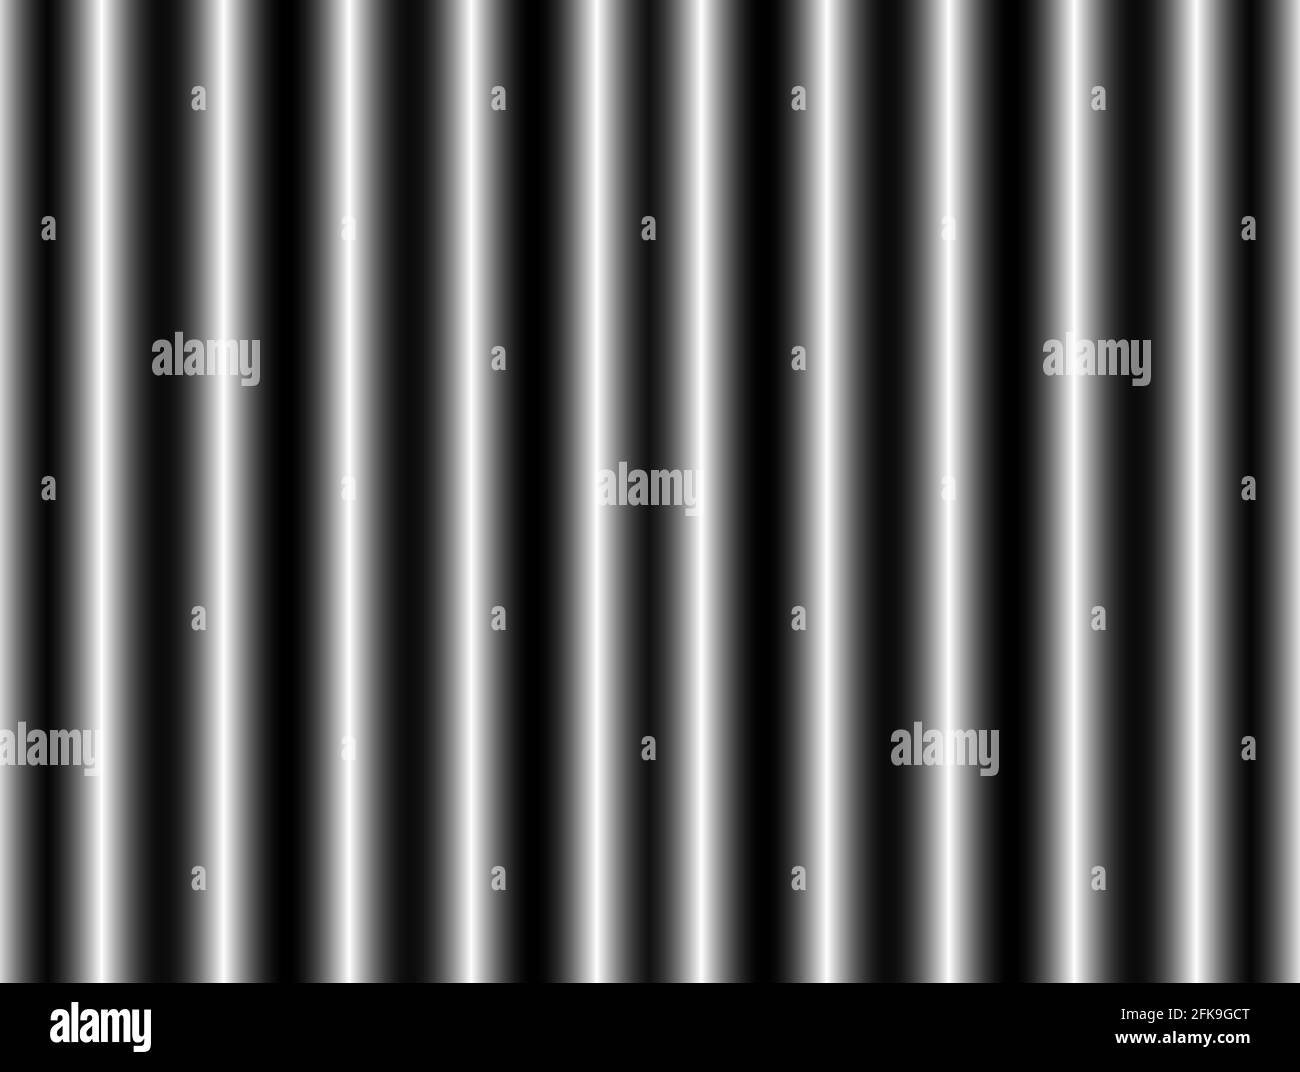 Résumé de la publicité fond, décoratif horizontal noir blanc argent dégradé dynamique décoratif périodique mur vague Banque D'Images